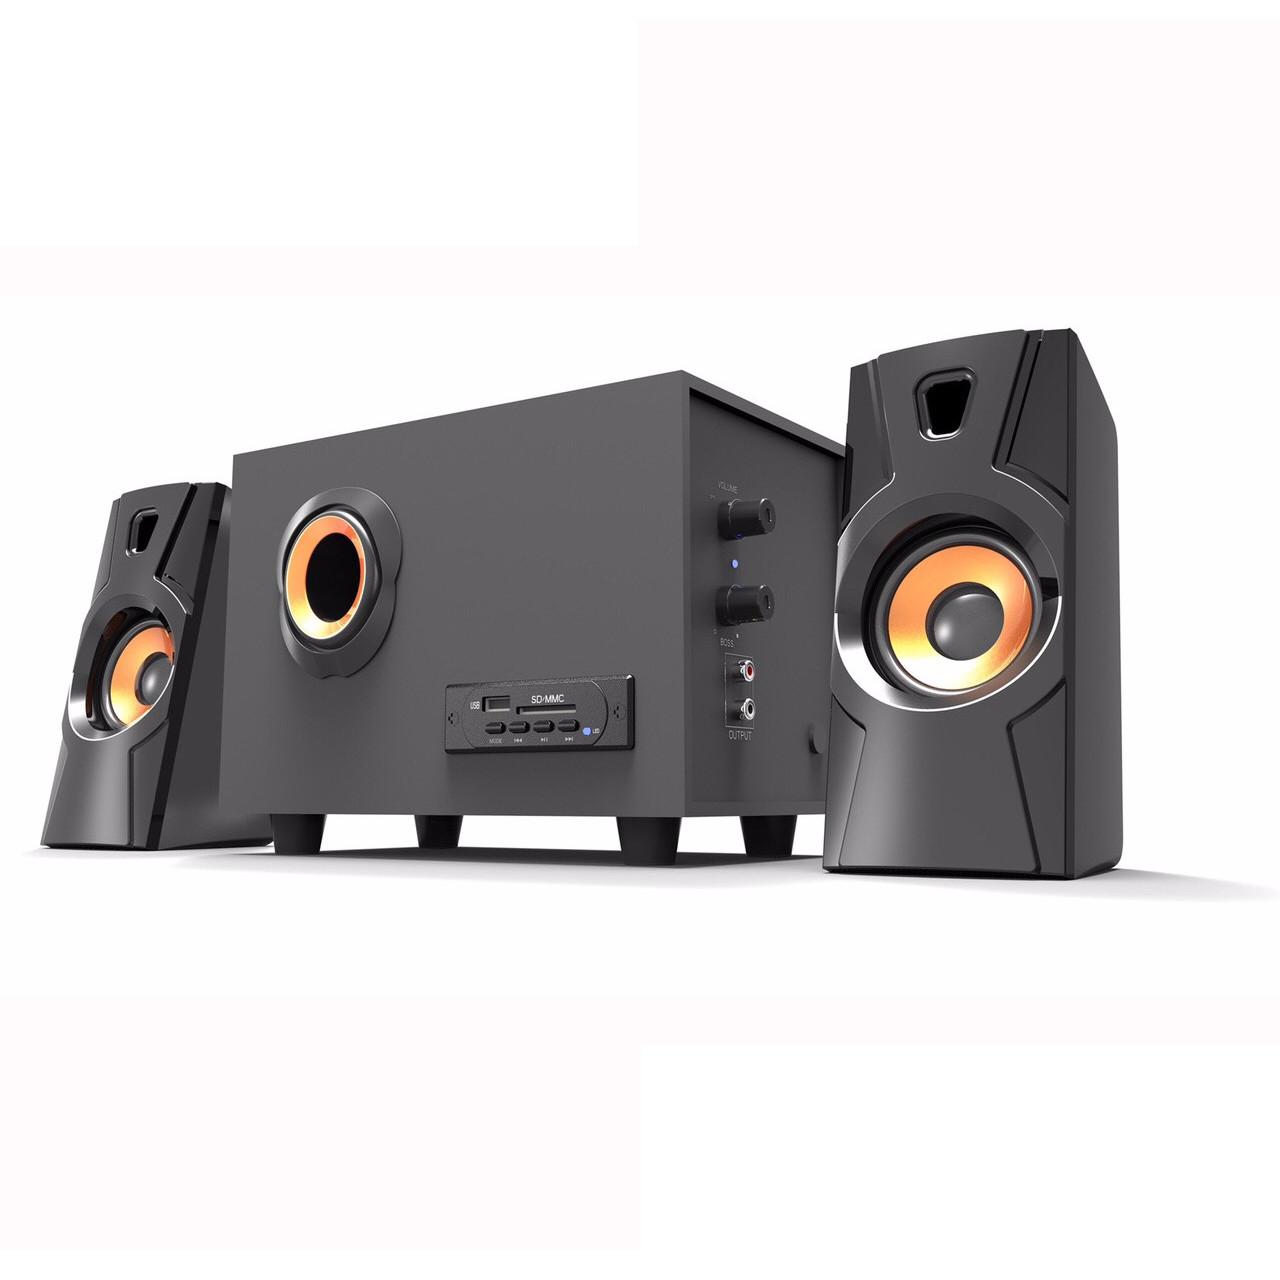 Loa nghe nhạc Bluetooth T-3500 Bosston - Hàng chính hãng